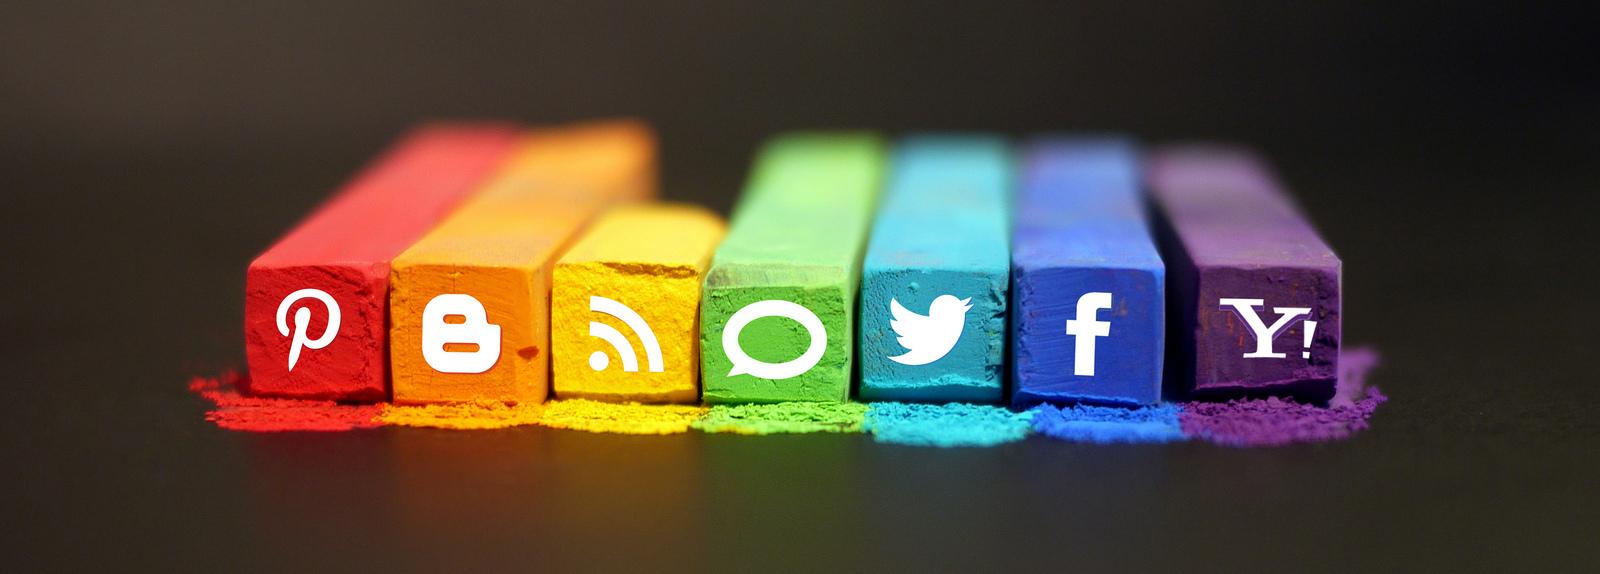 Social media crayons.jpg